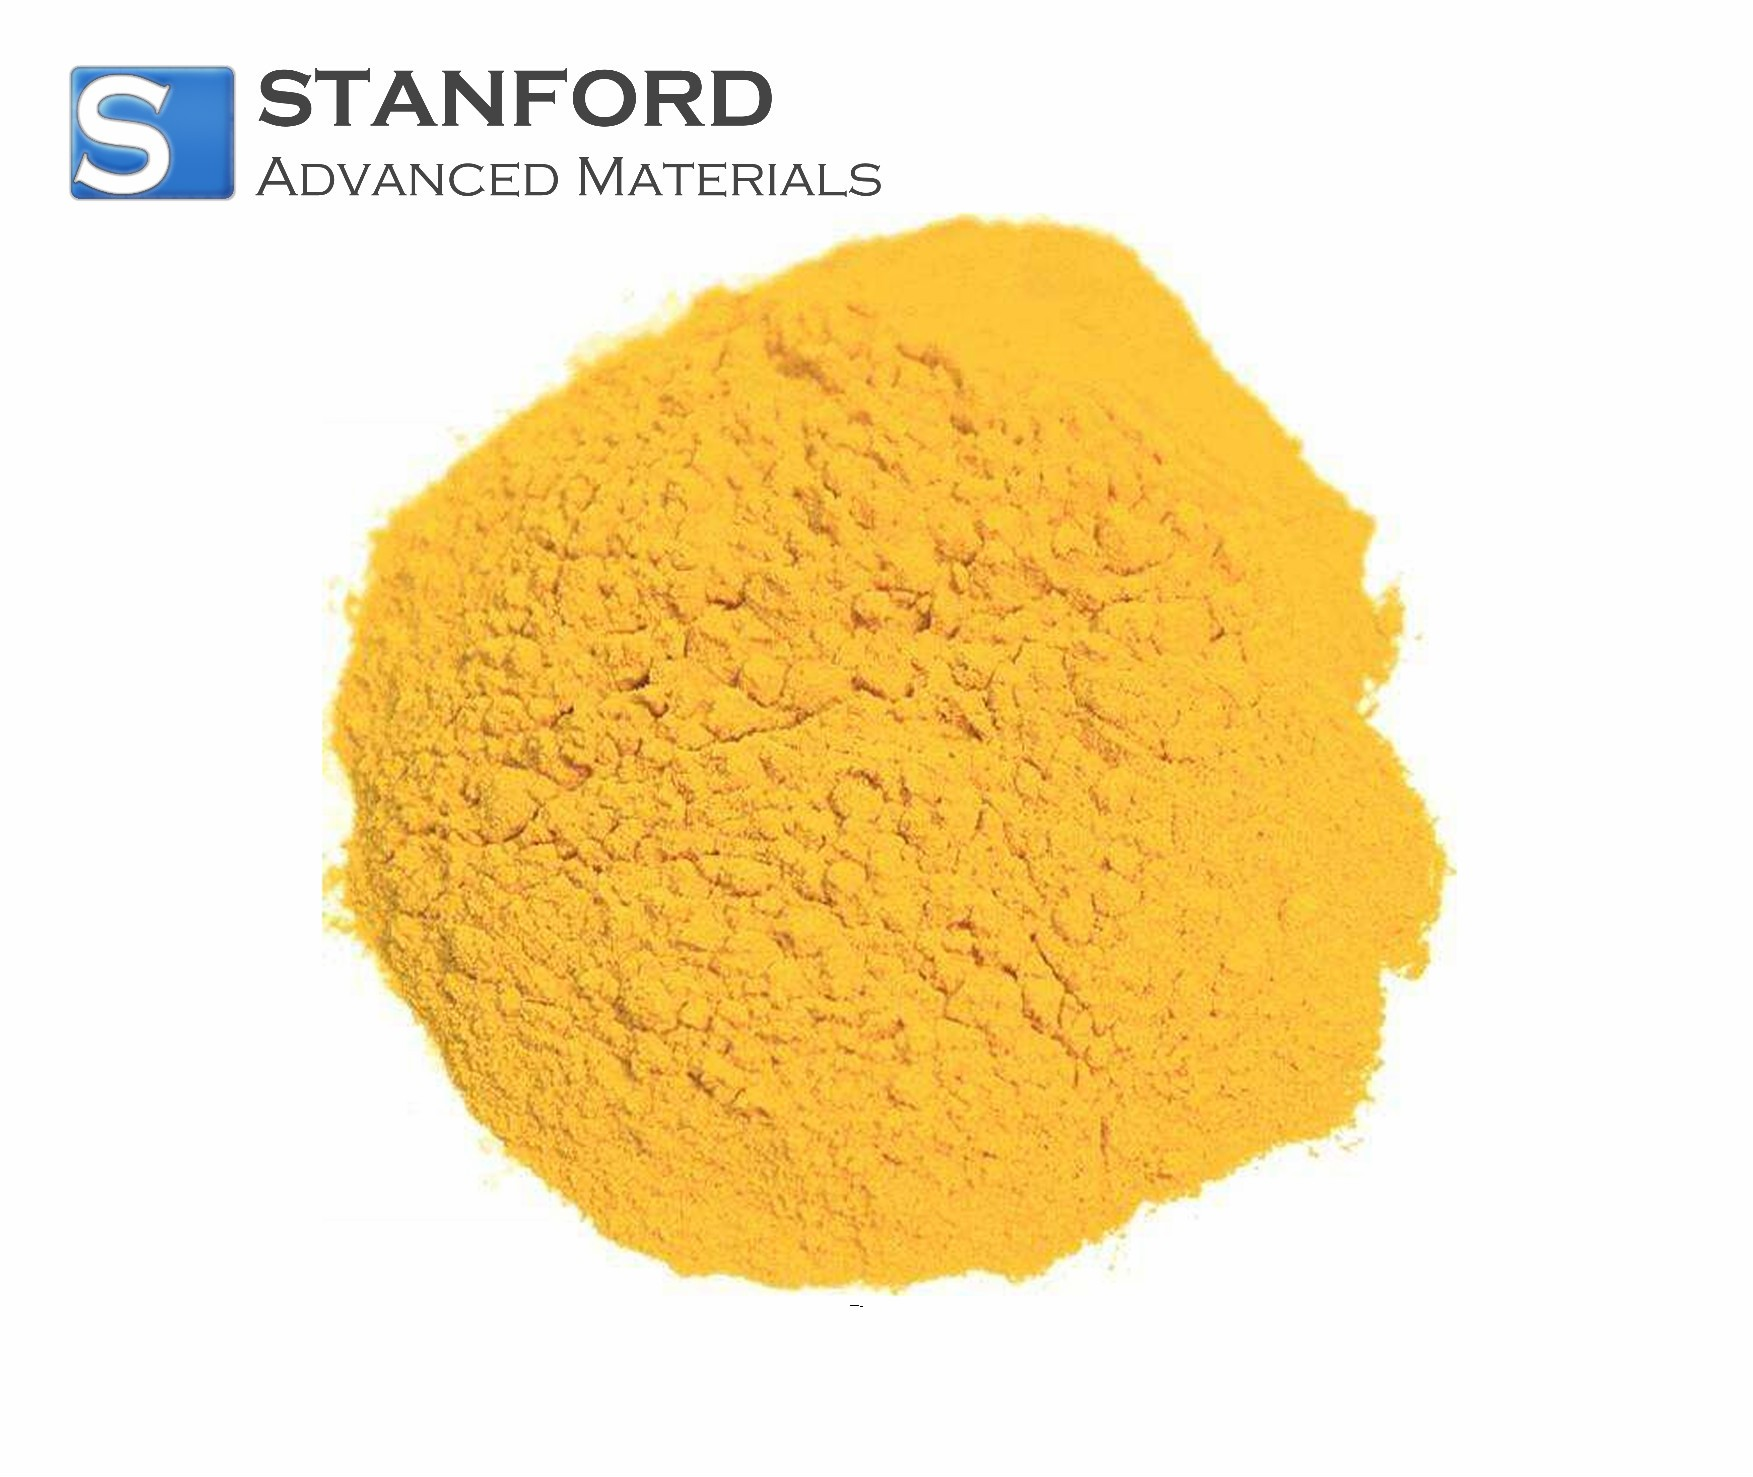 CH2613 Niobium (V) Chloride Powder (CAS 10026-12-7)